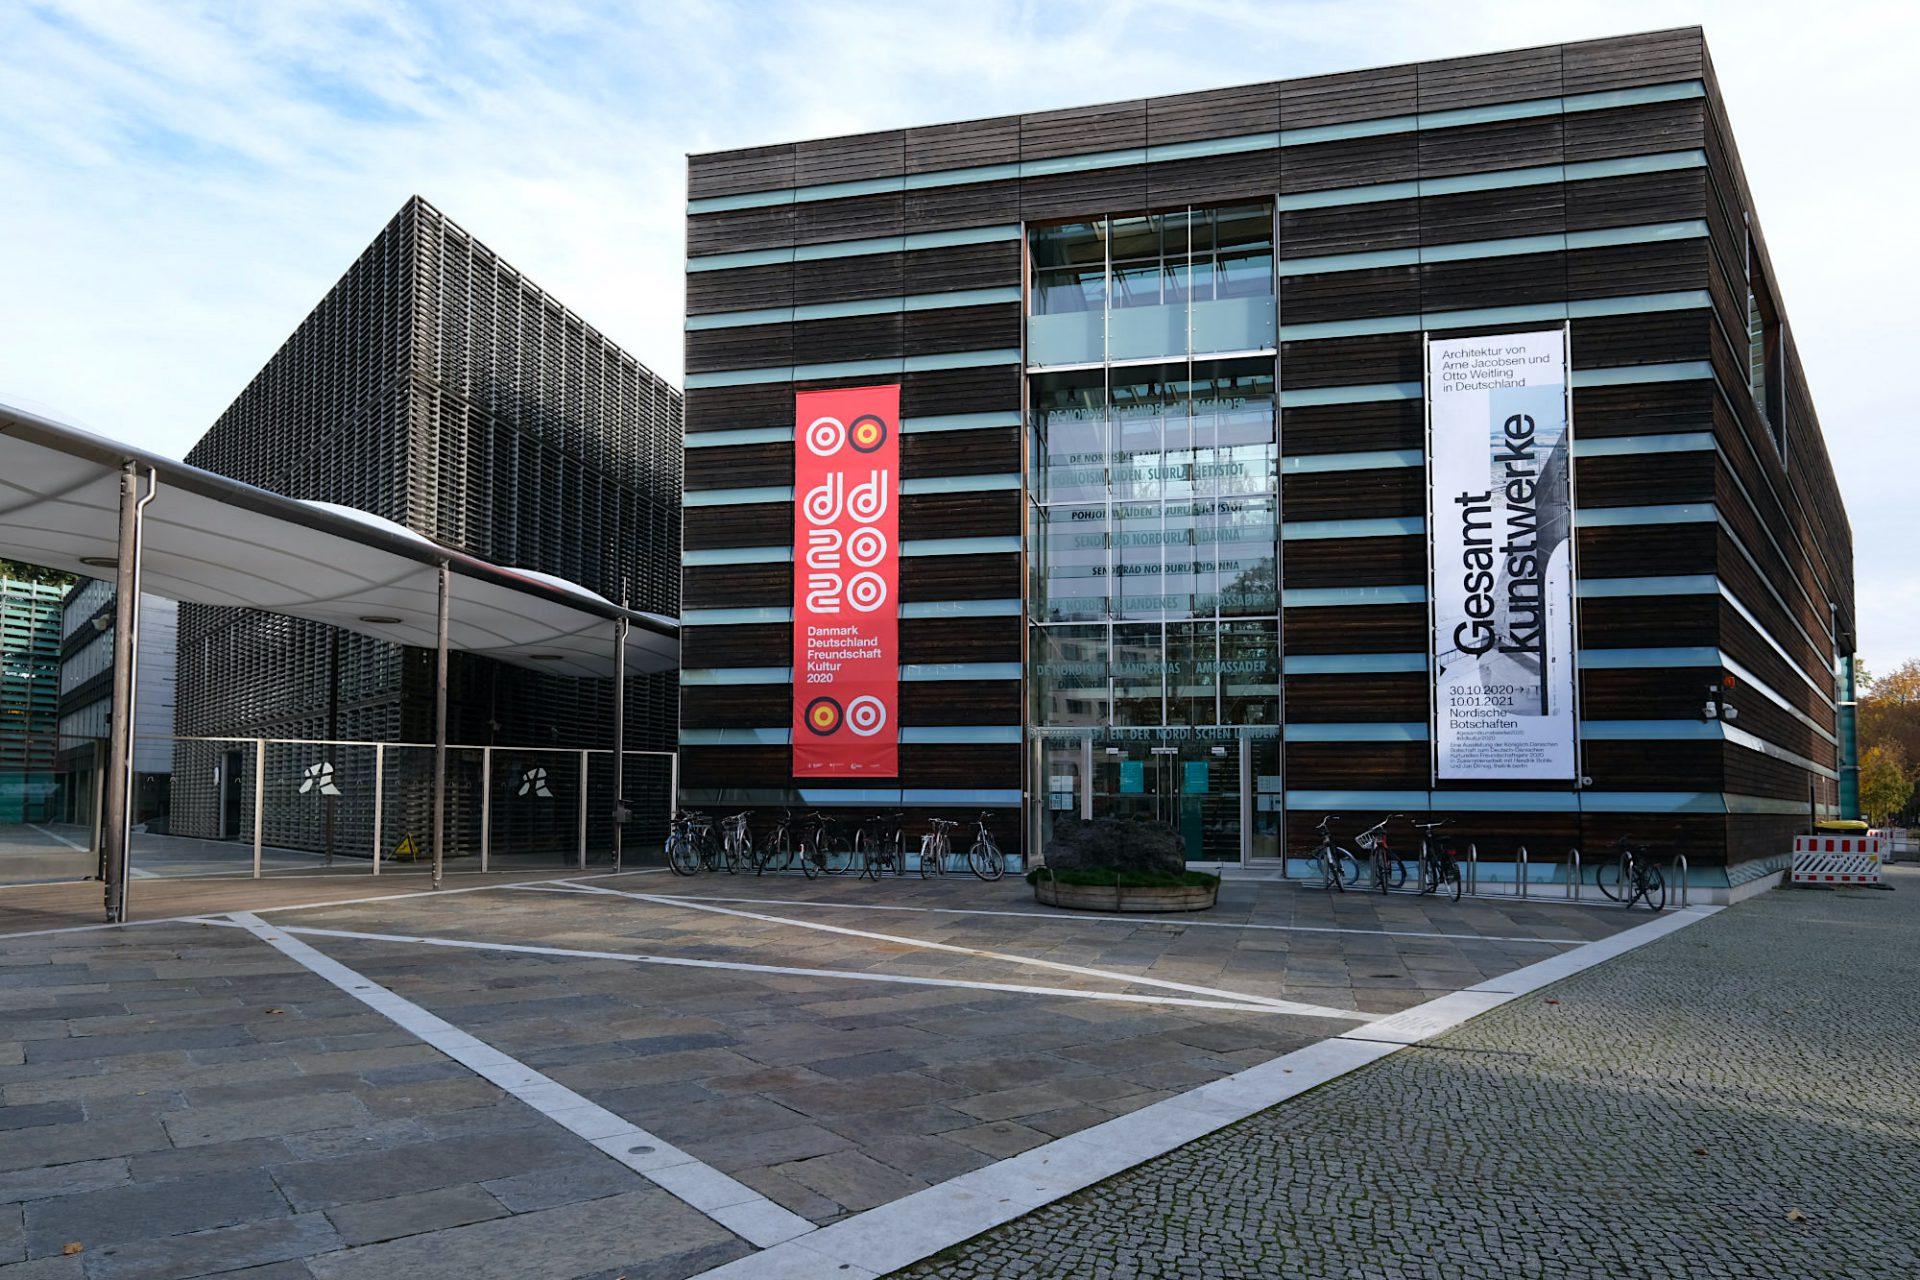 Tour. Nach Berlin macht die Schau Station in Mainz, Hannover, Castrop-Rauxel, Hamburg, Fehmarn und Dänemark. Insgesamt zeigen wir die Ausstellung von 2020 bis 2022.